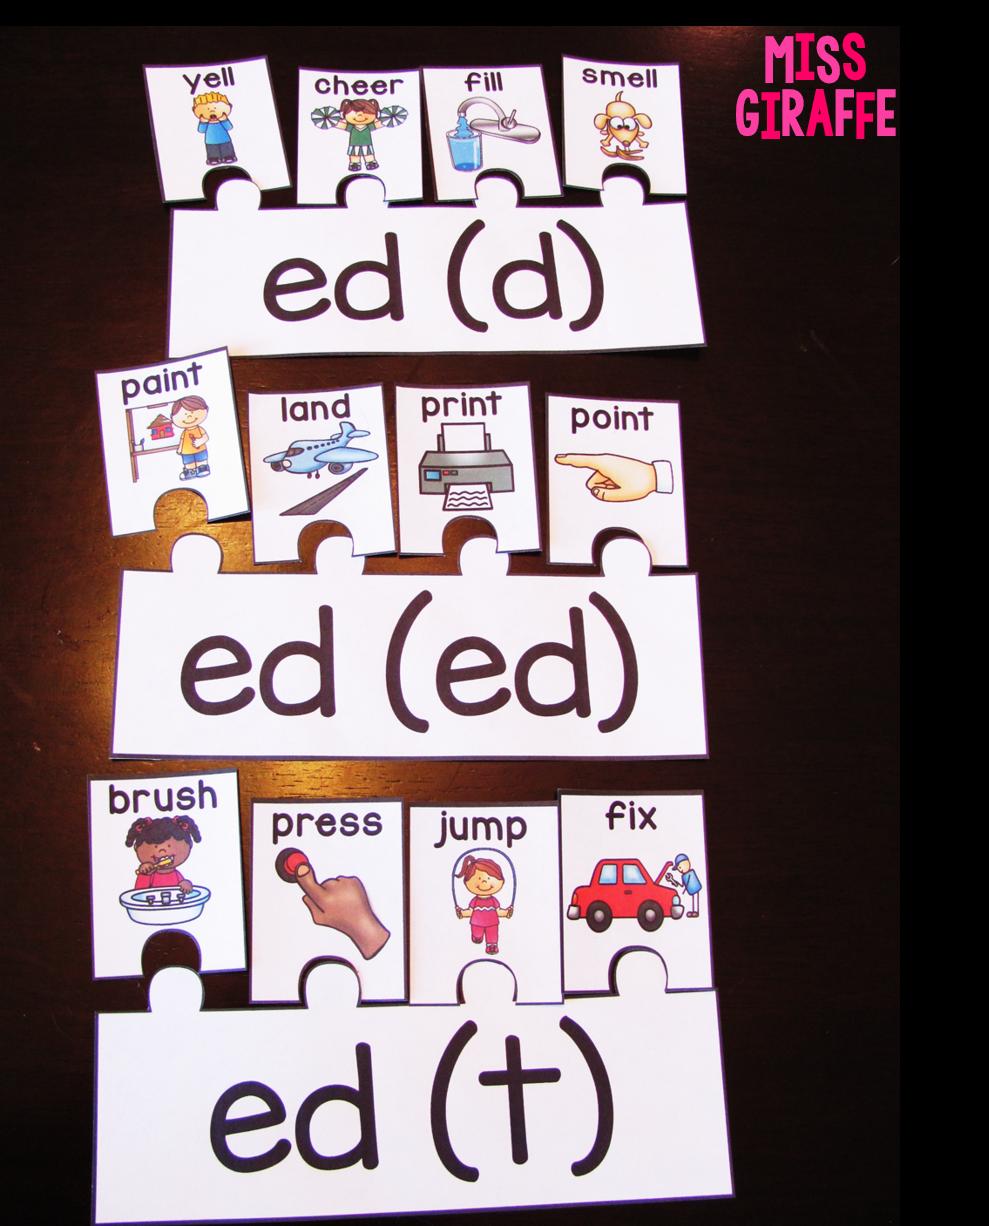 Miss Giraffe's Class: Prefixes and Suffixes Teaching Ideas for First Grade  and Kindergarten [ 1226 x 989 Pixel ]